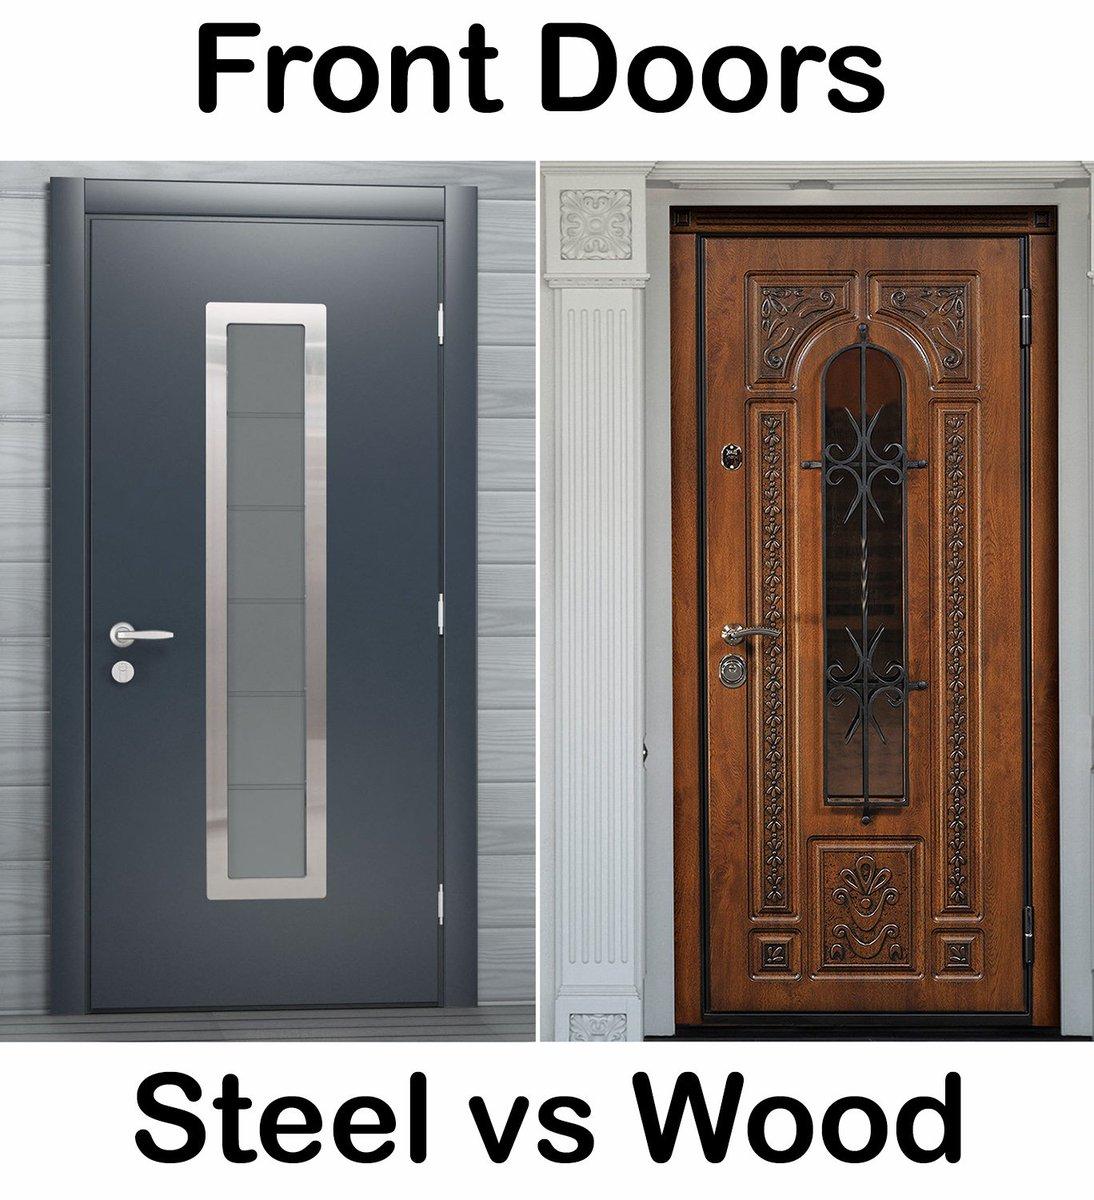 Thedoorsdepot On Twitter Wood Or Steel What Front Door Will